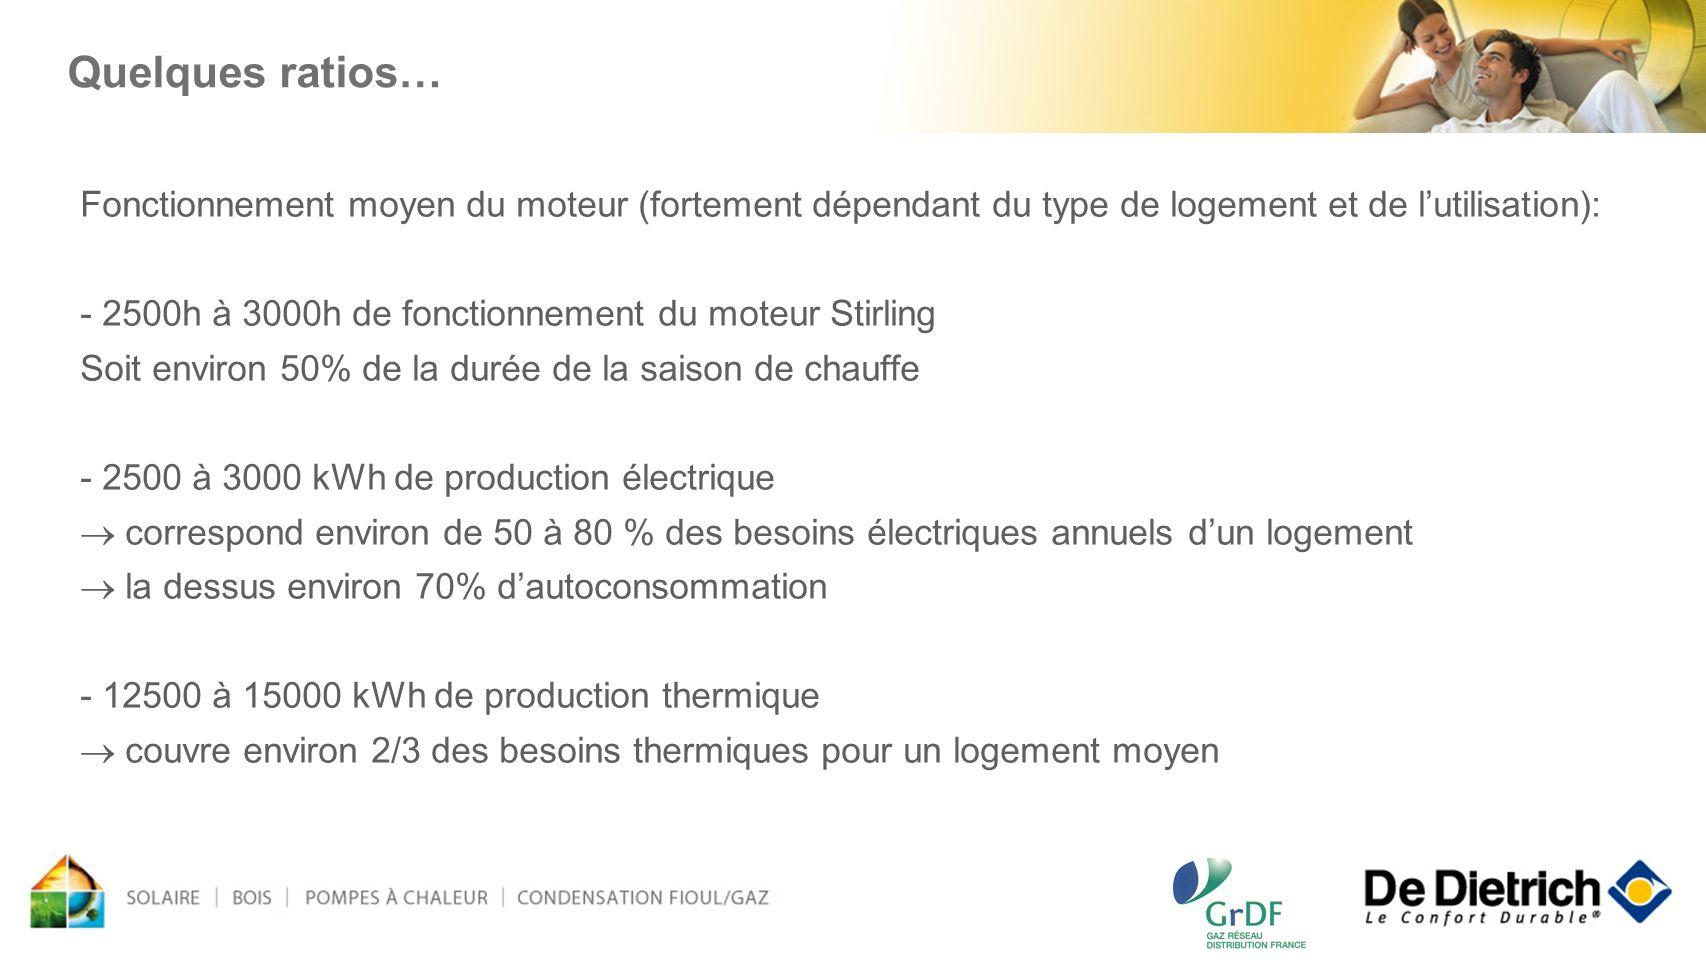 Quelques ratios… Fonctionnement moyen du moteur (fortement dépendant du type de logement et de l'utilisation):